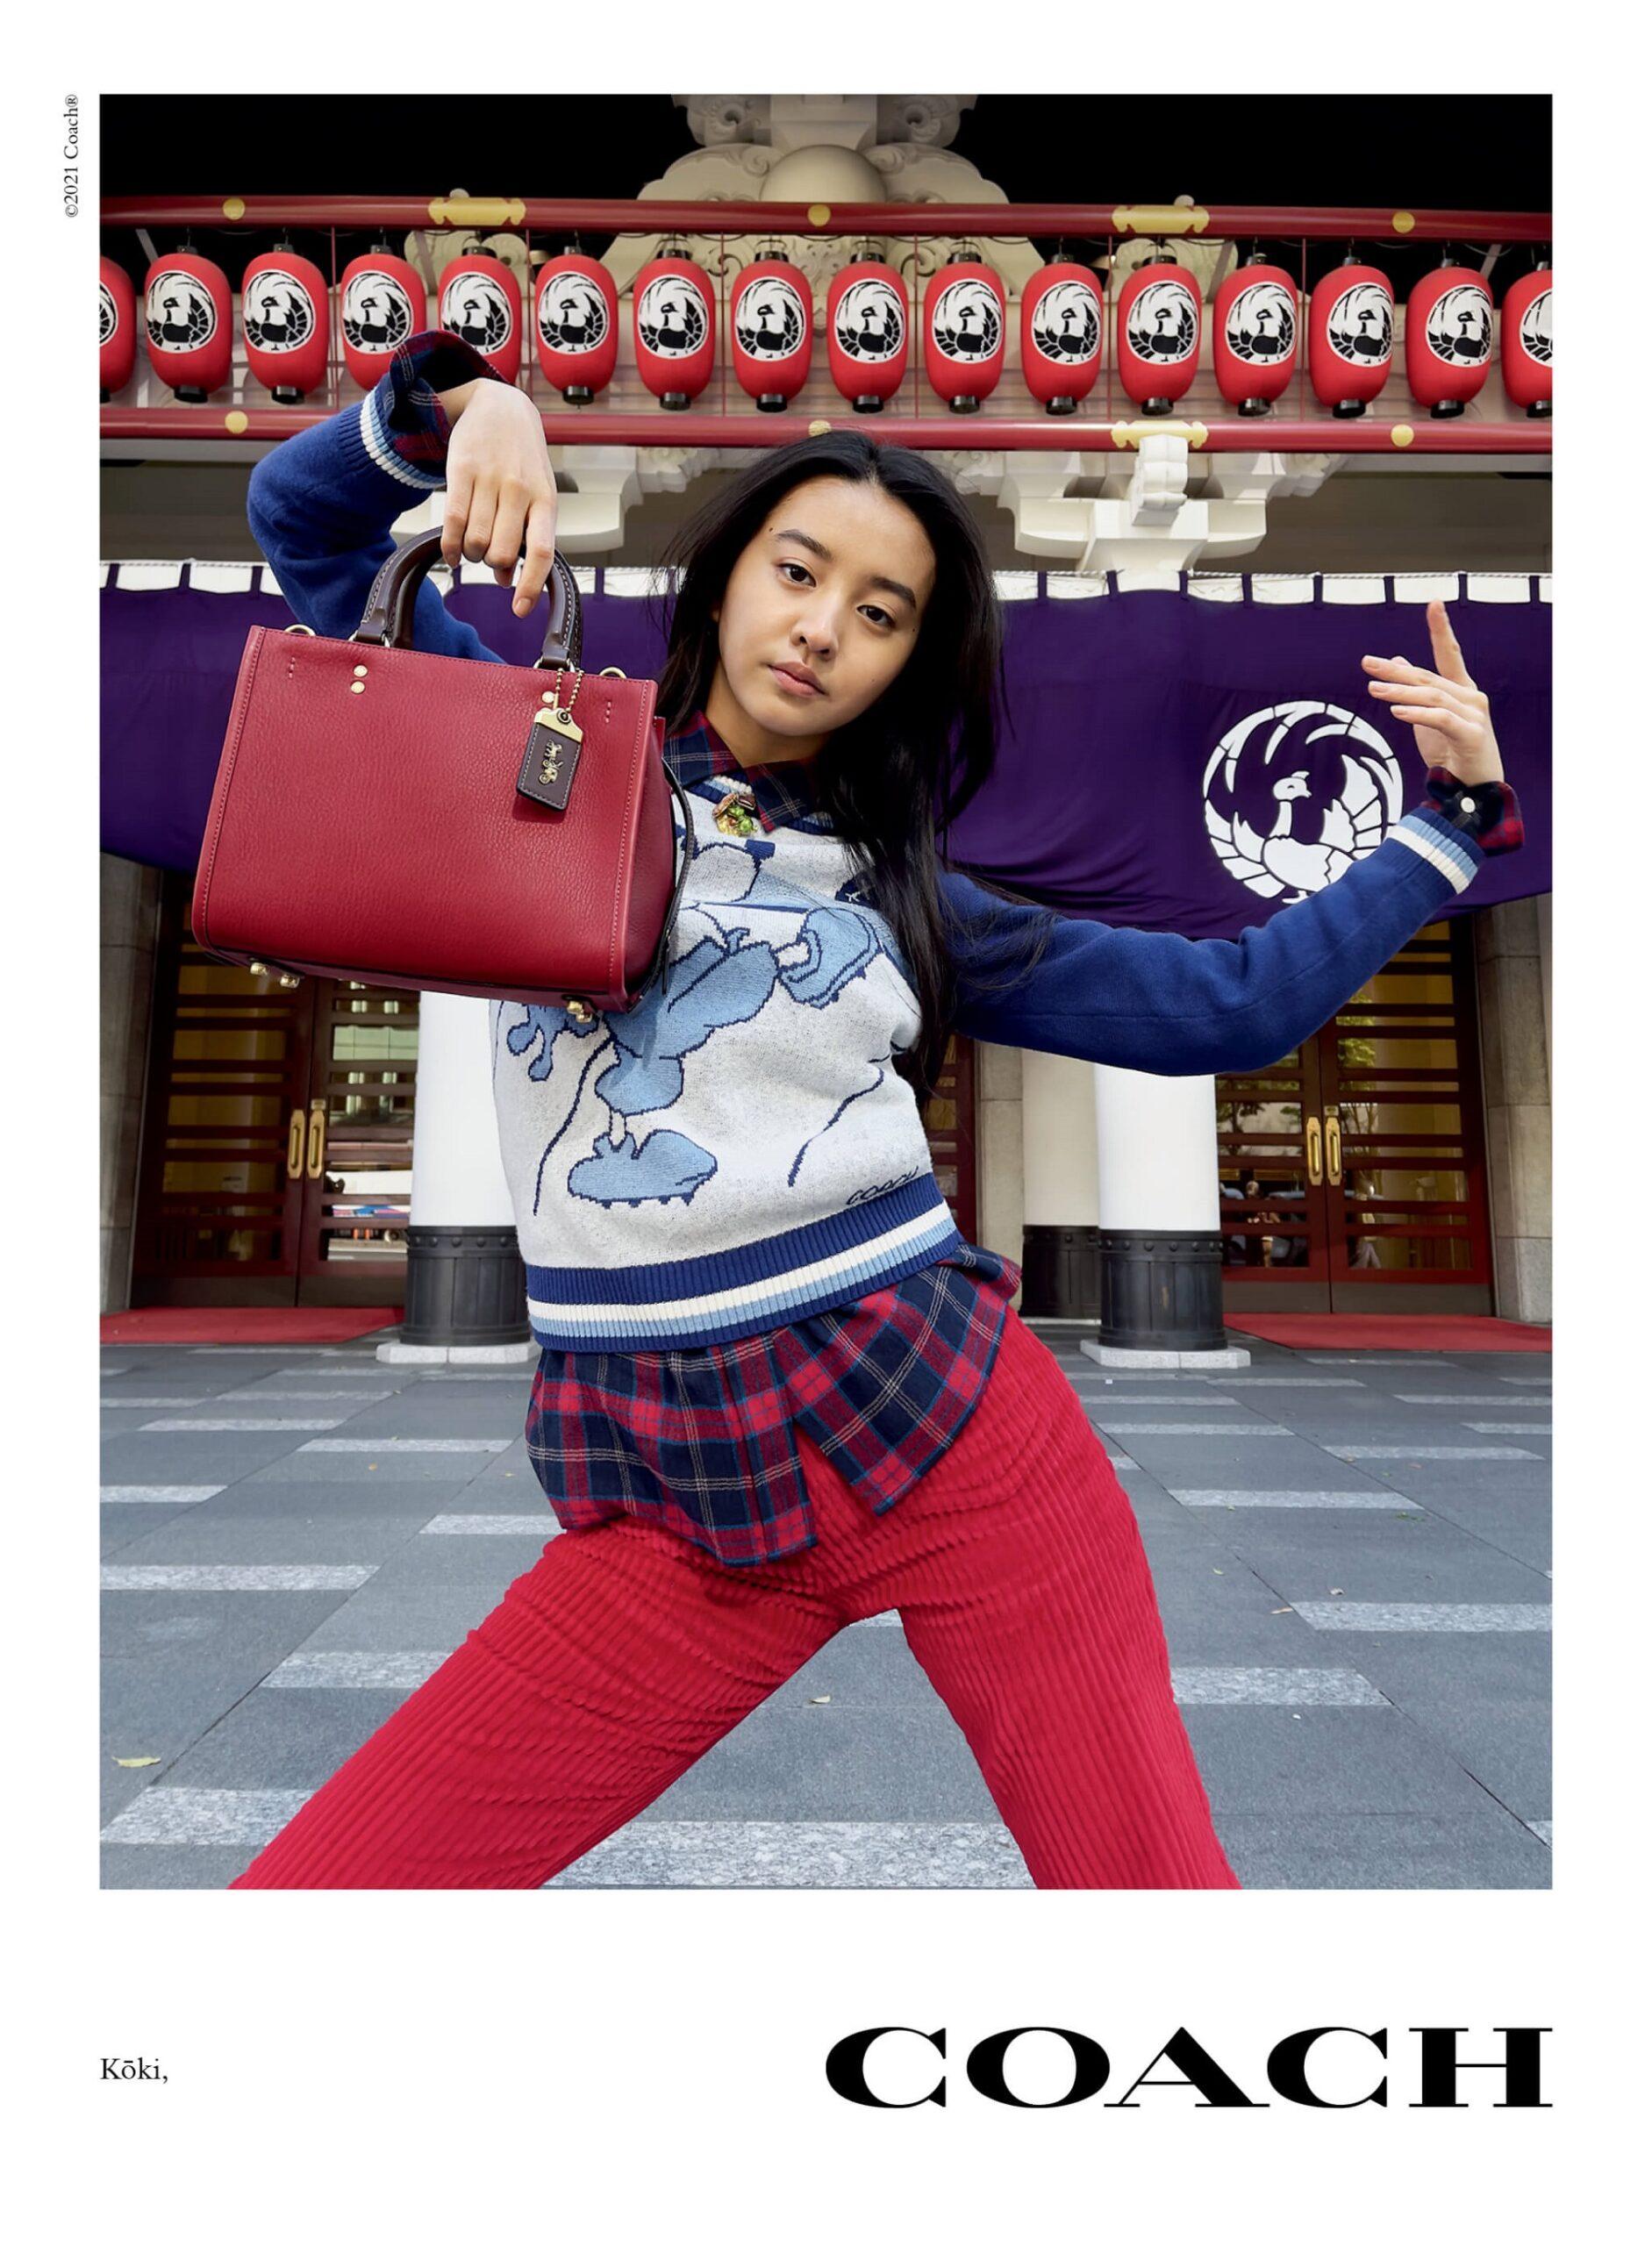 Версия 2.0: Дженифер Лопес и Кейт Мосс в новом рекламном кампейне бренда Coach-Фото 3